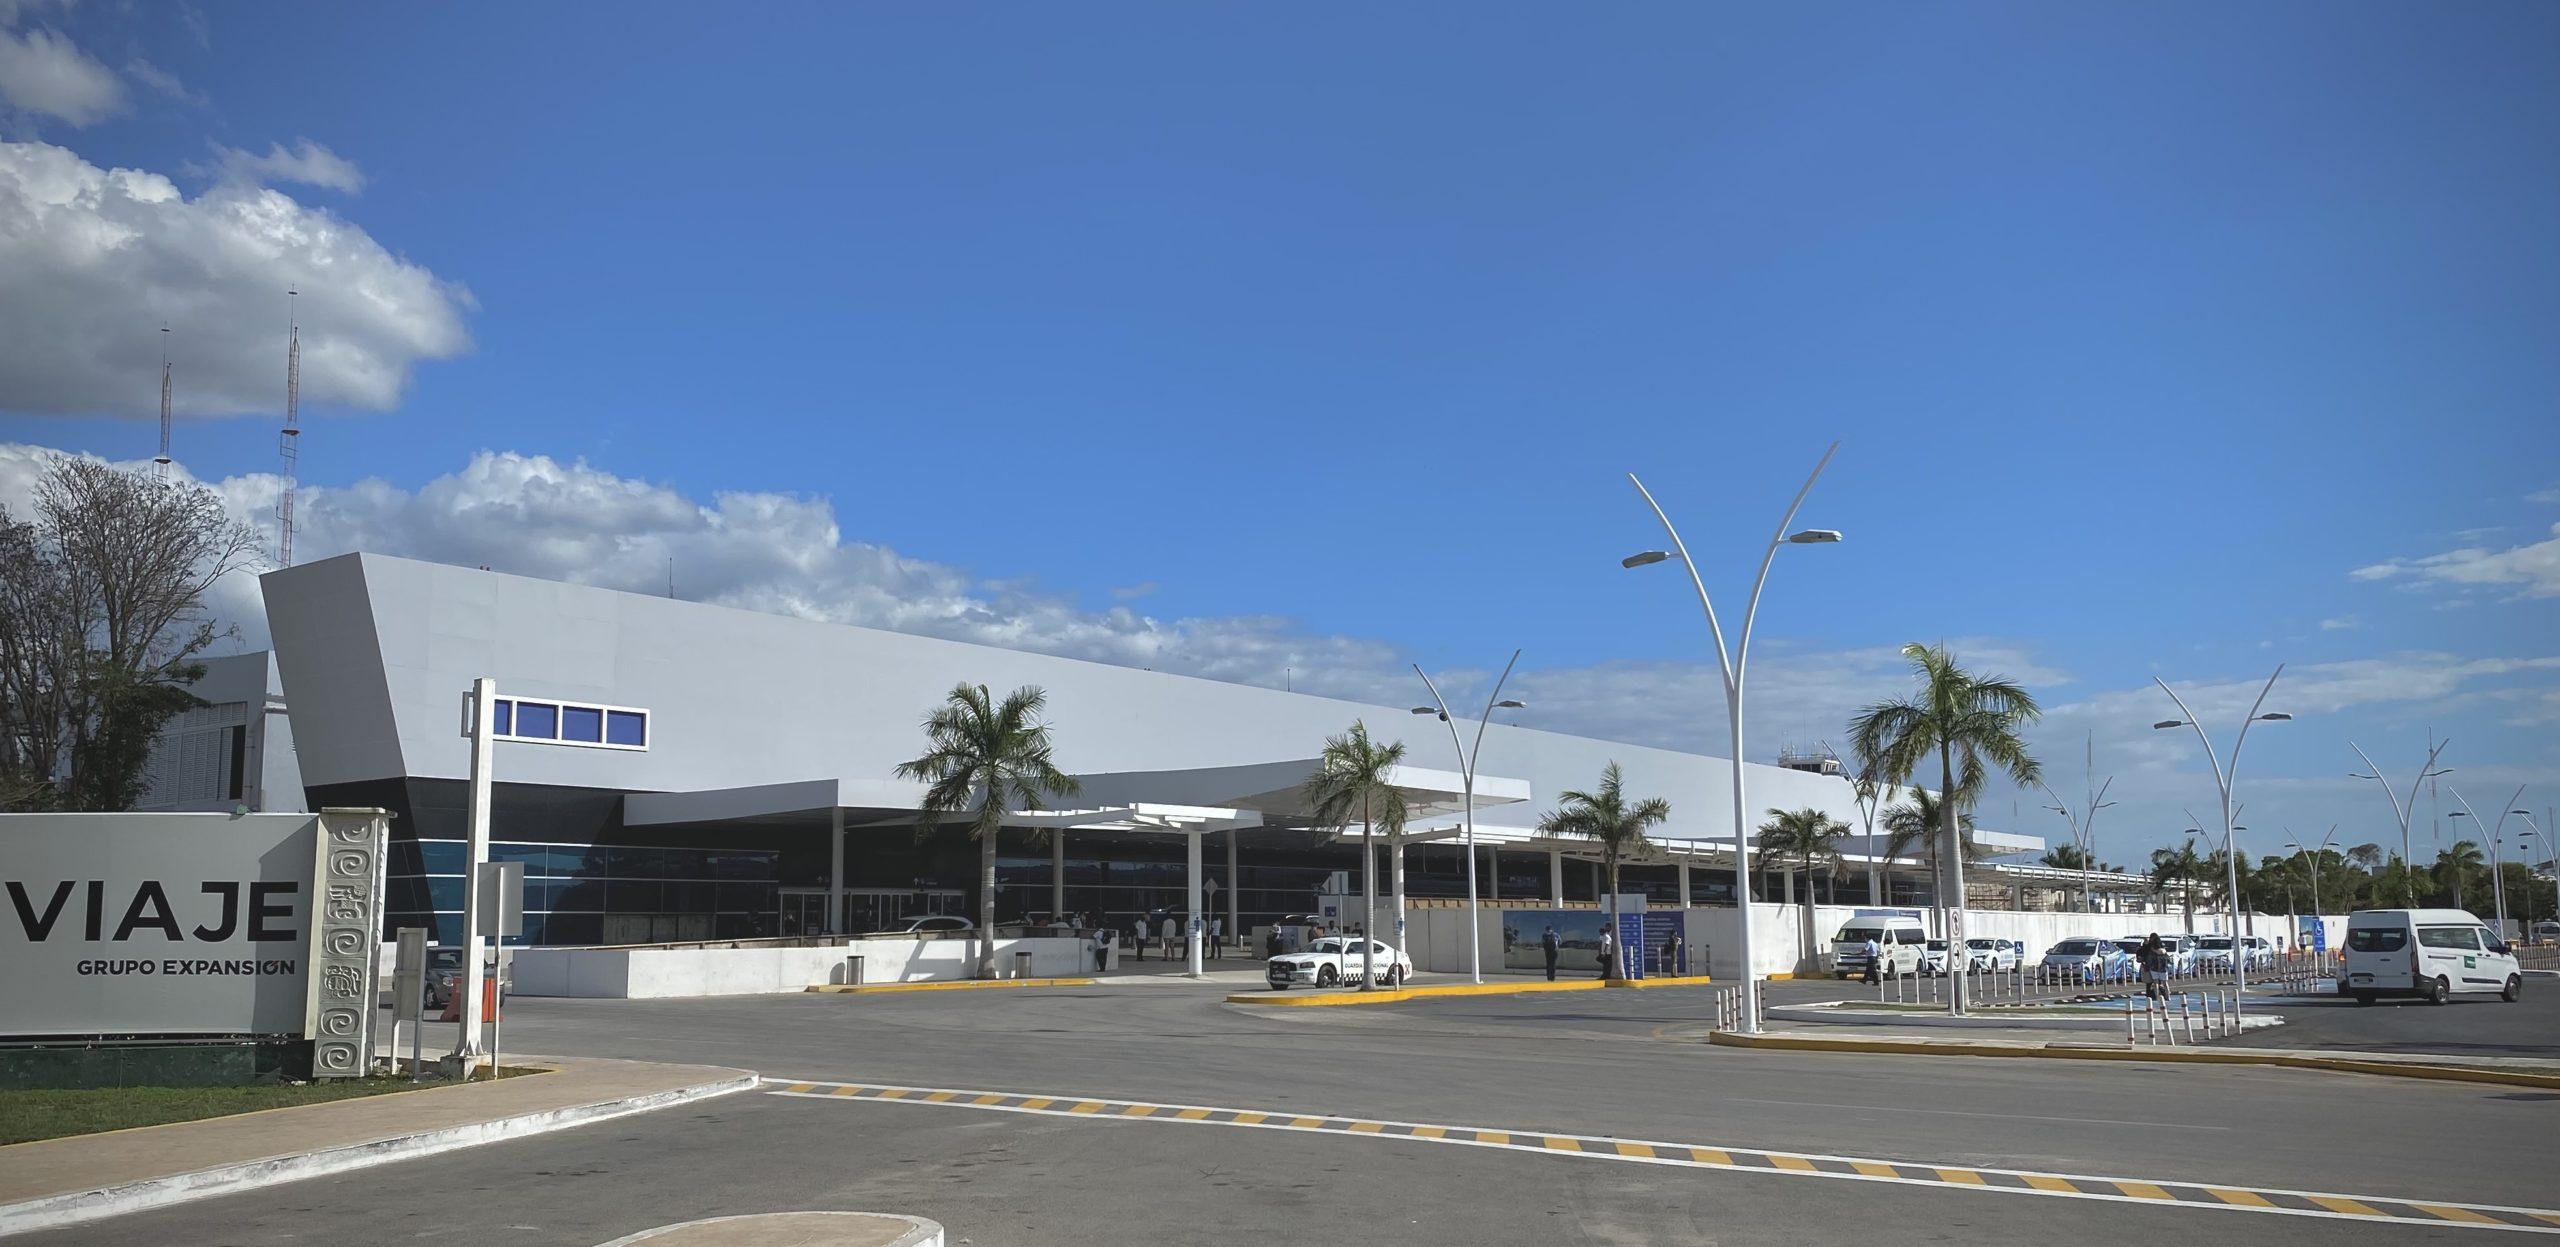 Ministro de Turismo adelantó que se prevén vuelos hacia El Vigía, Mérida